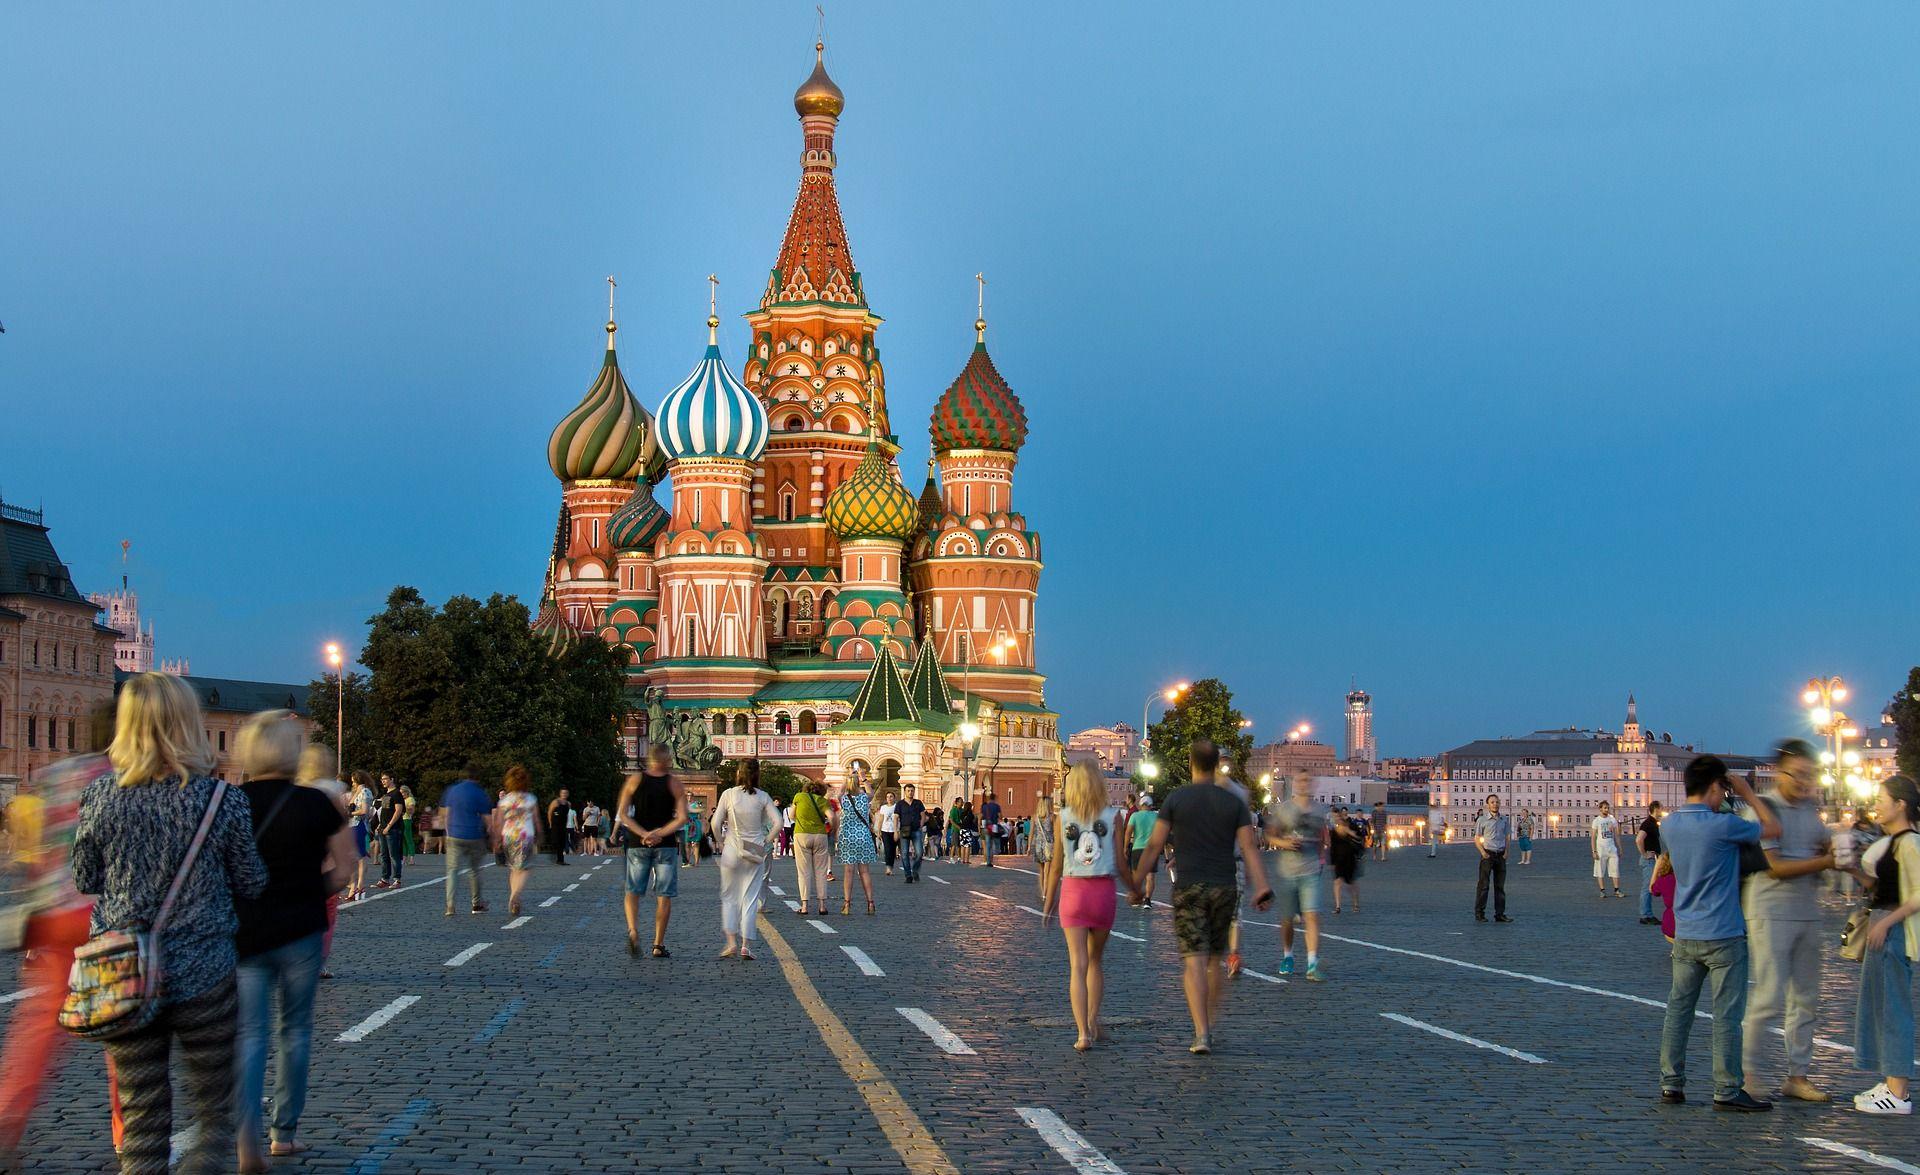 Evakuacije u središtu Moskve zbog prijetnji bombama